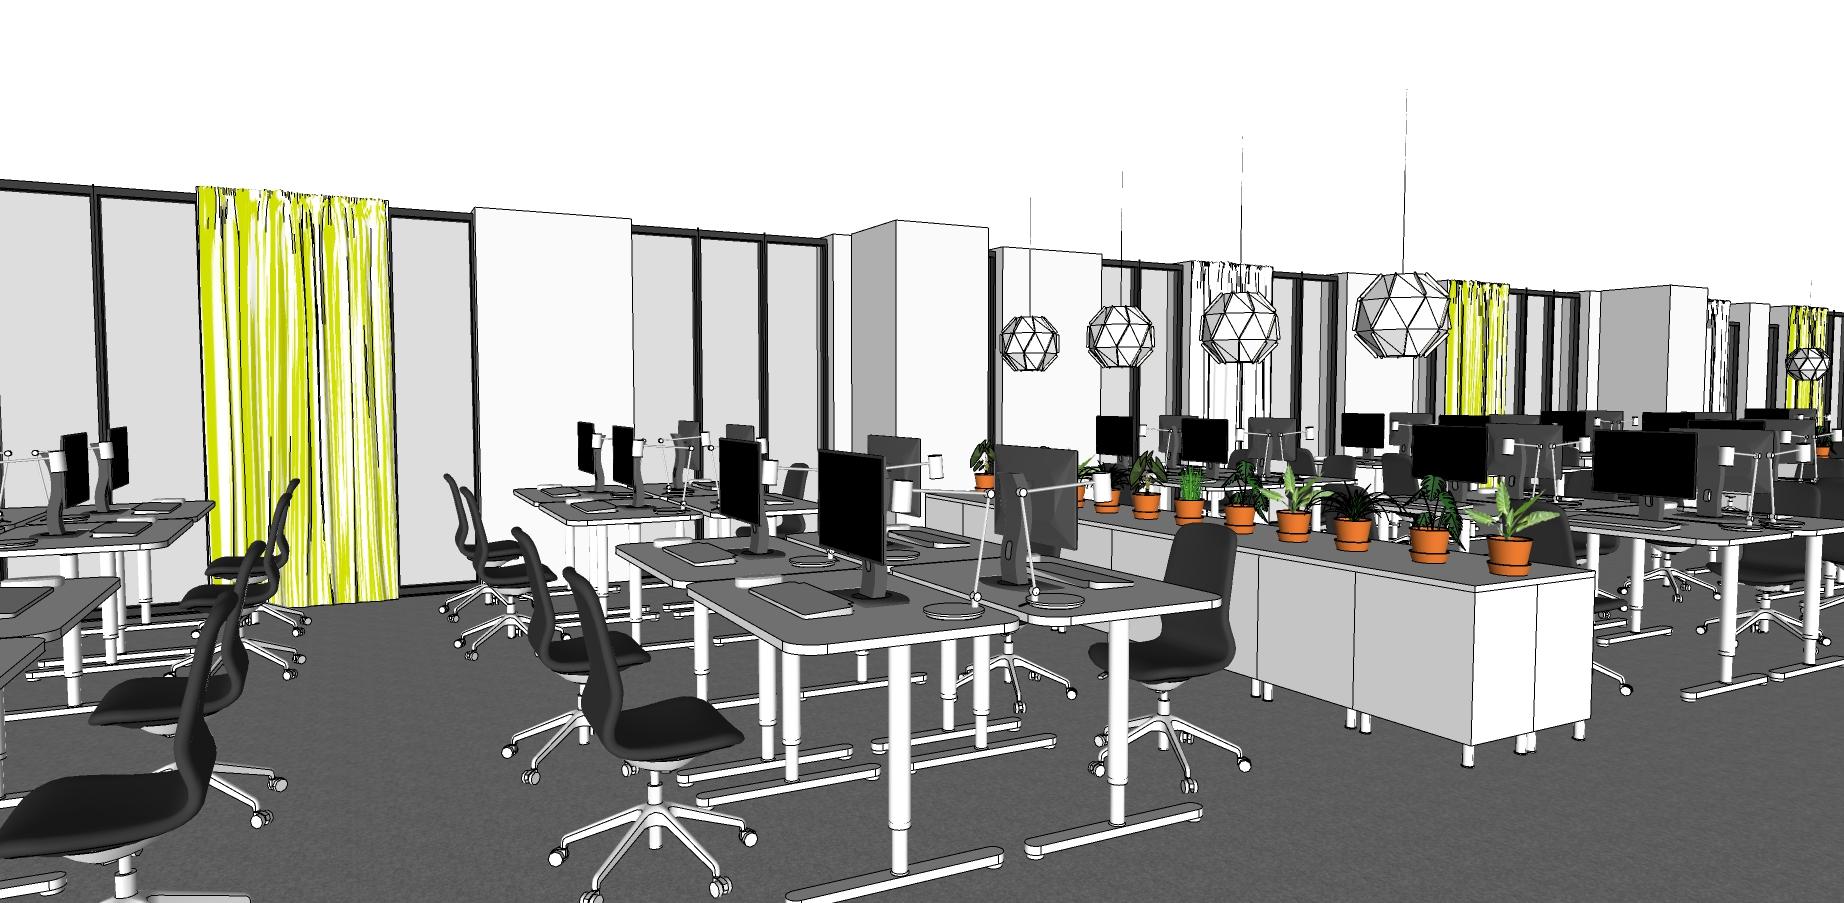 IKEA Vietnam Office desk space, Interior Design missfriisdesign